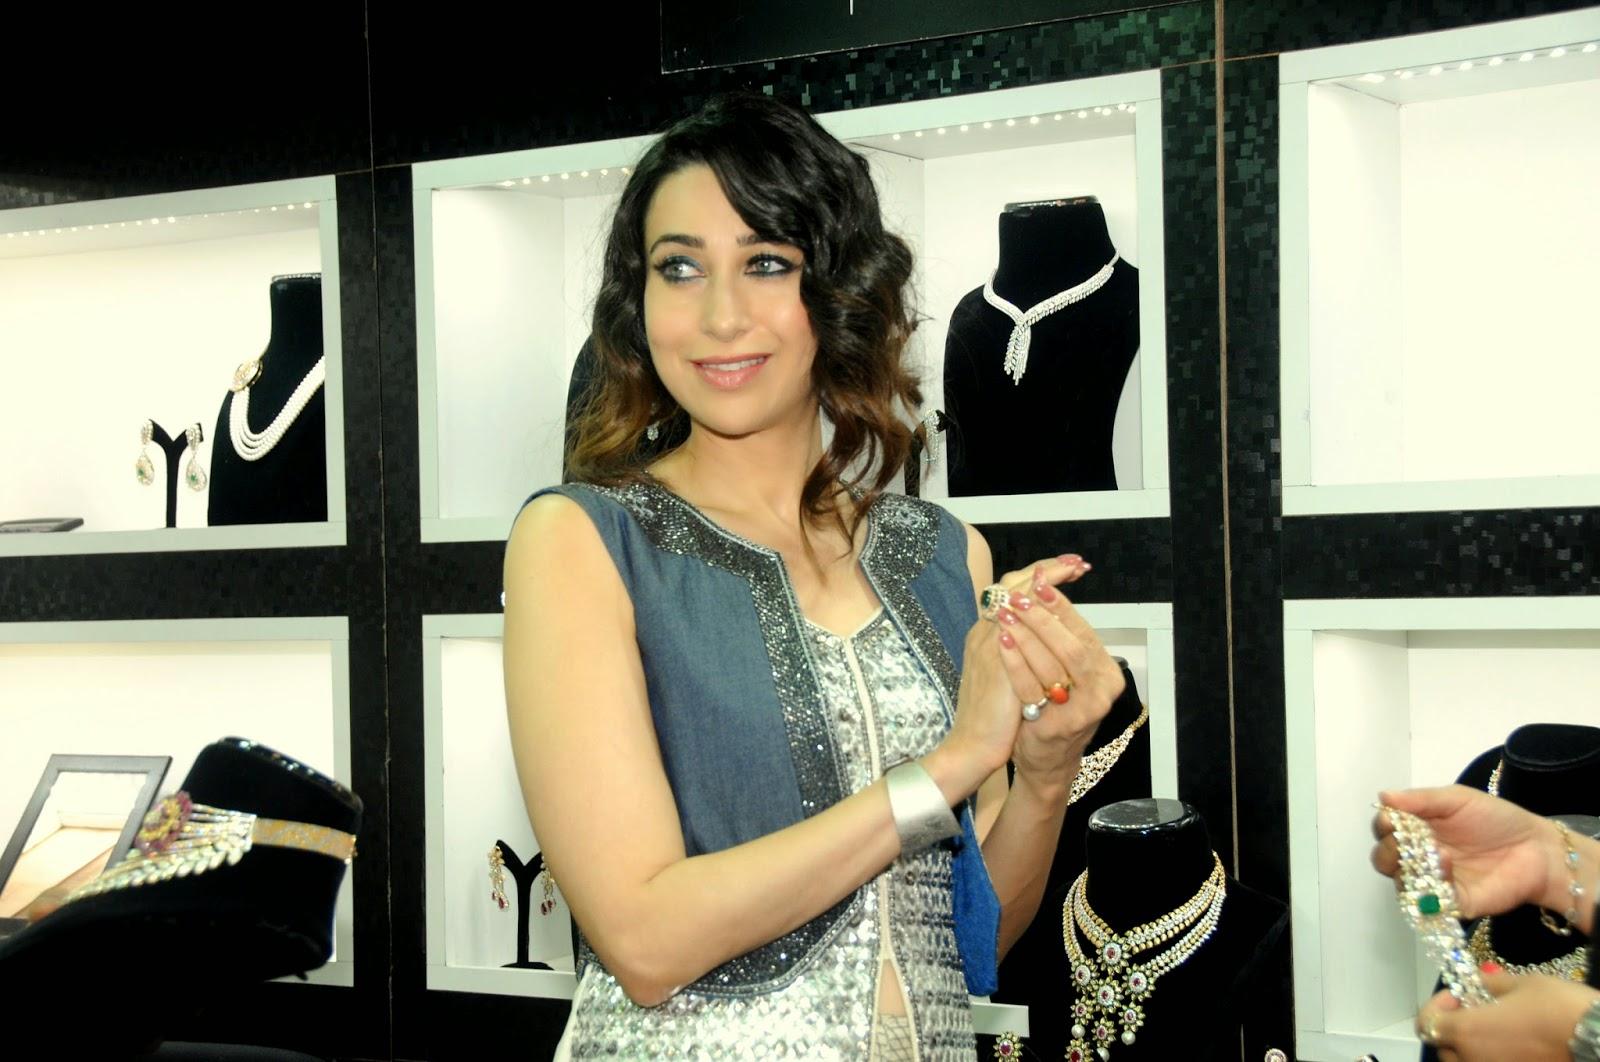 http://2.bp.blogspot.com/-OoCw07IwR5g/U6Q7pEHuEzI/AAAAAAAAMTM/e9oFpg6Z0do/s1600/12.+Karisma+Kapoor+at++GLAMOUR+(++Jewellery+Exhibition)++DSC_6343.JPG